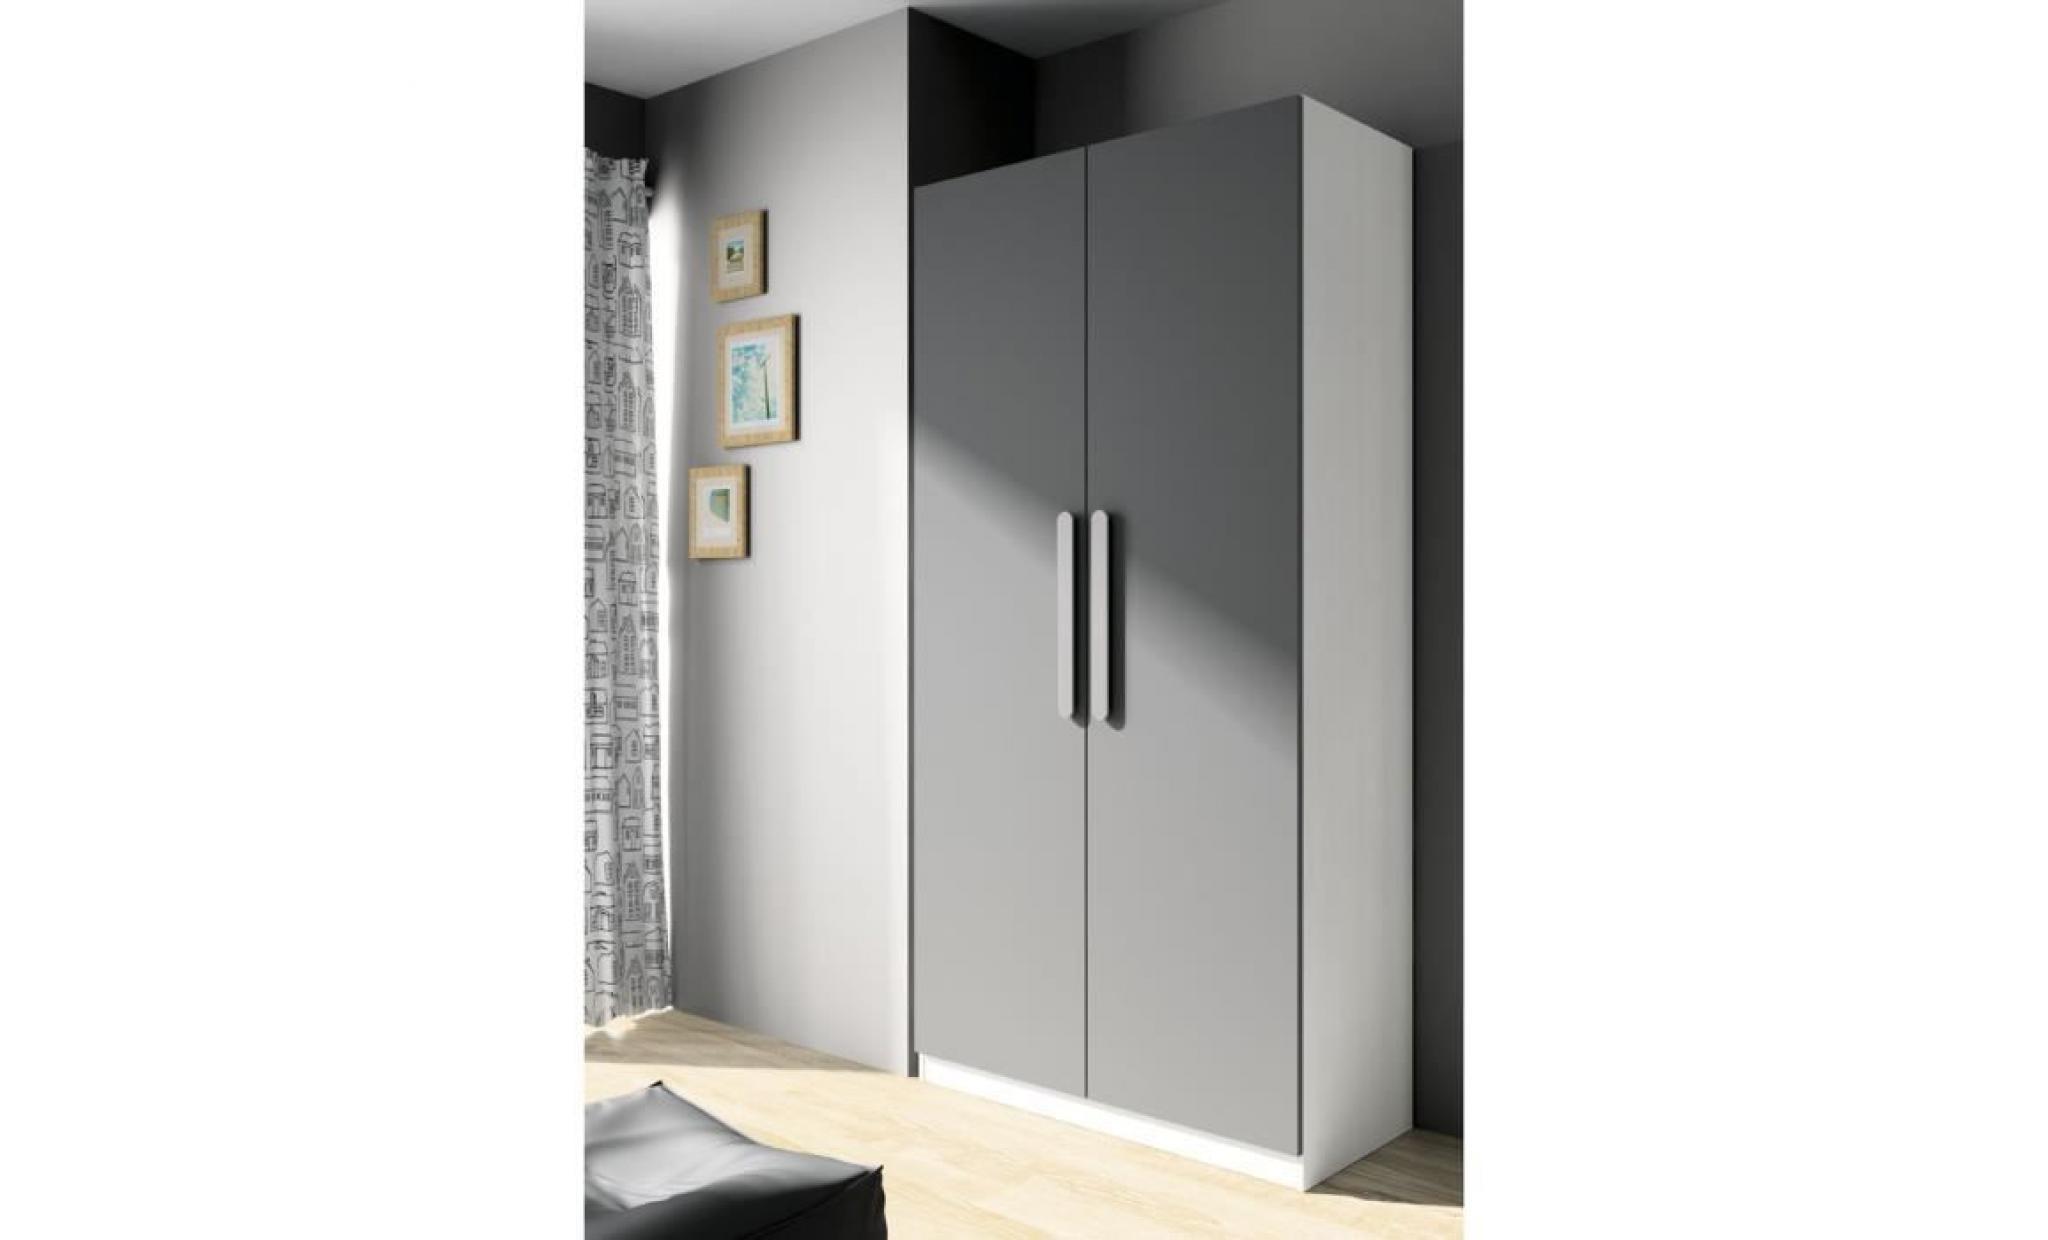 armoire 2 portes achat vente armoire de chambre pas cher couleur et. Black Bedroom Furniture Sets. Home Design Ideas